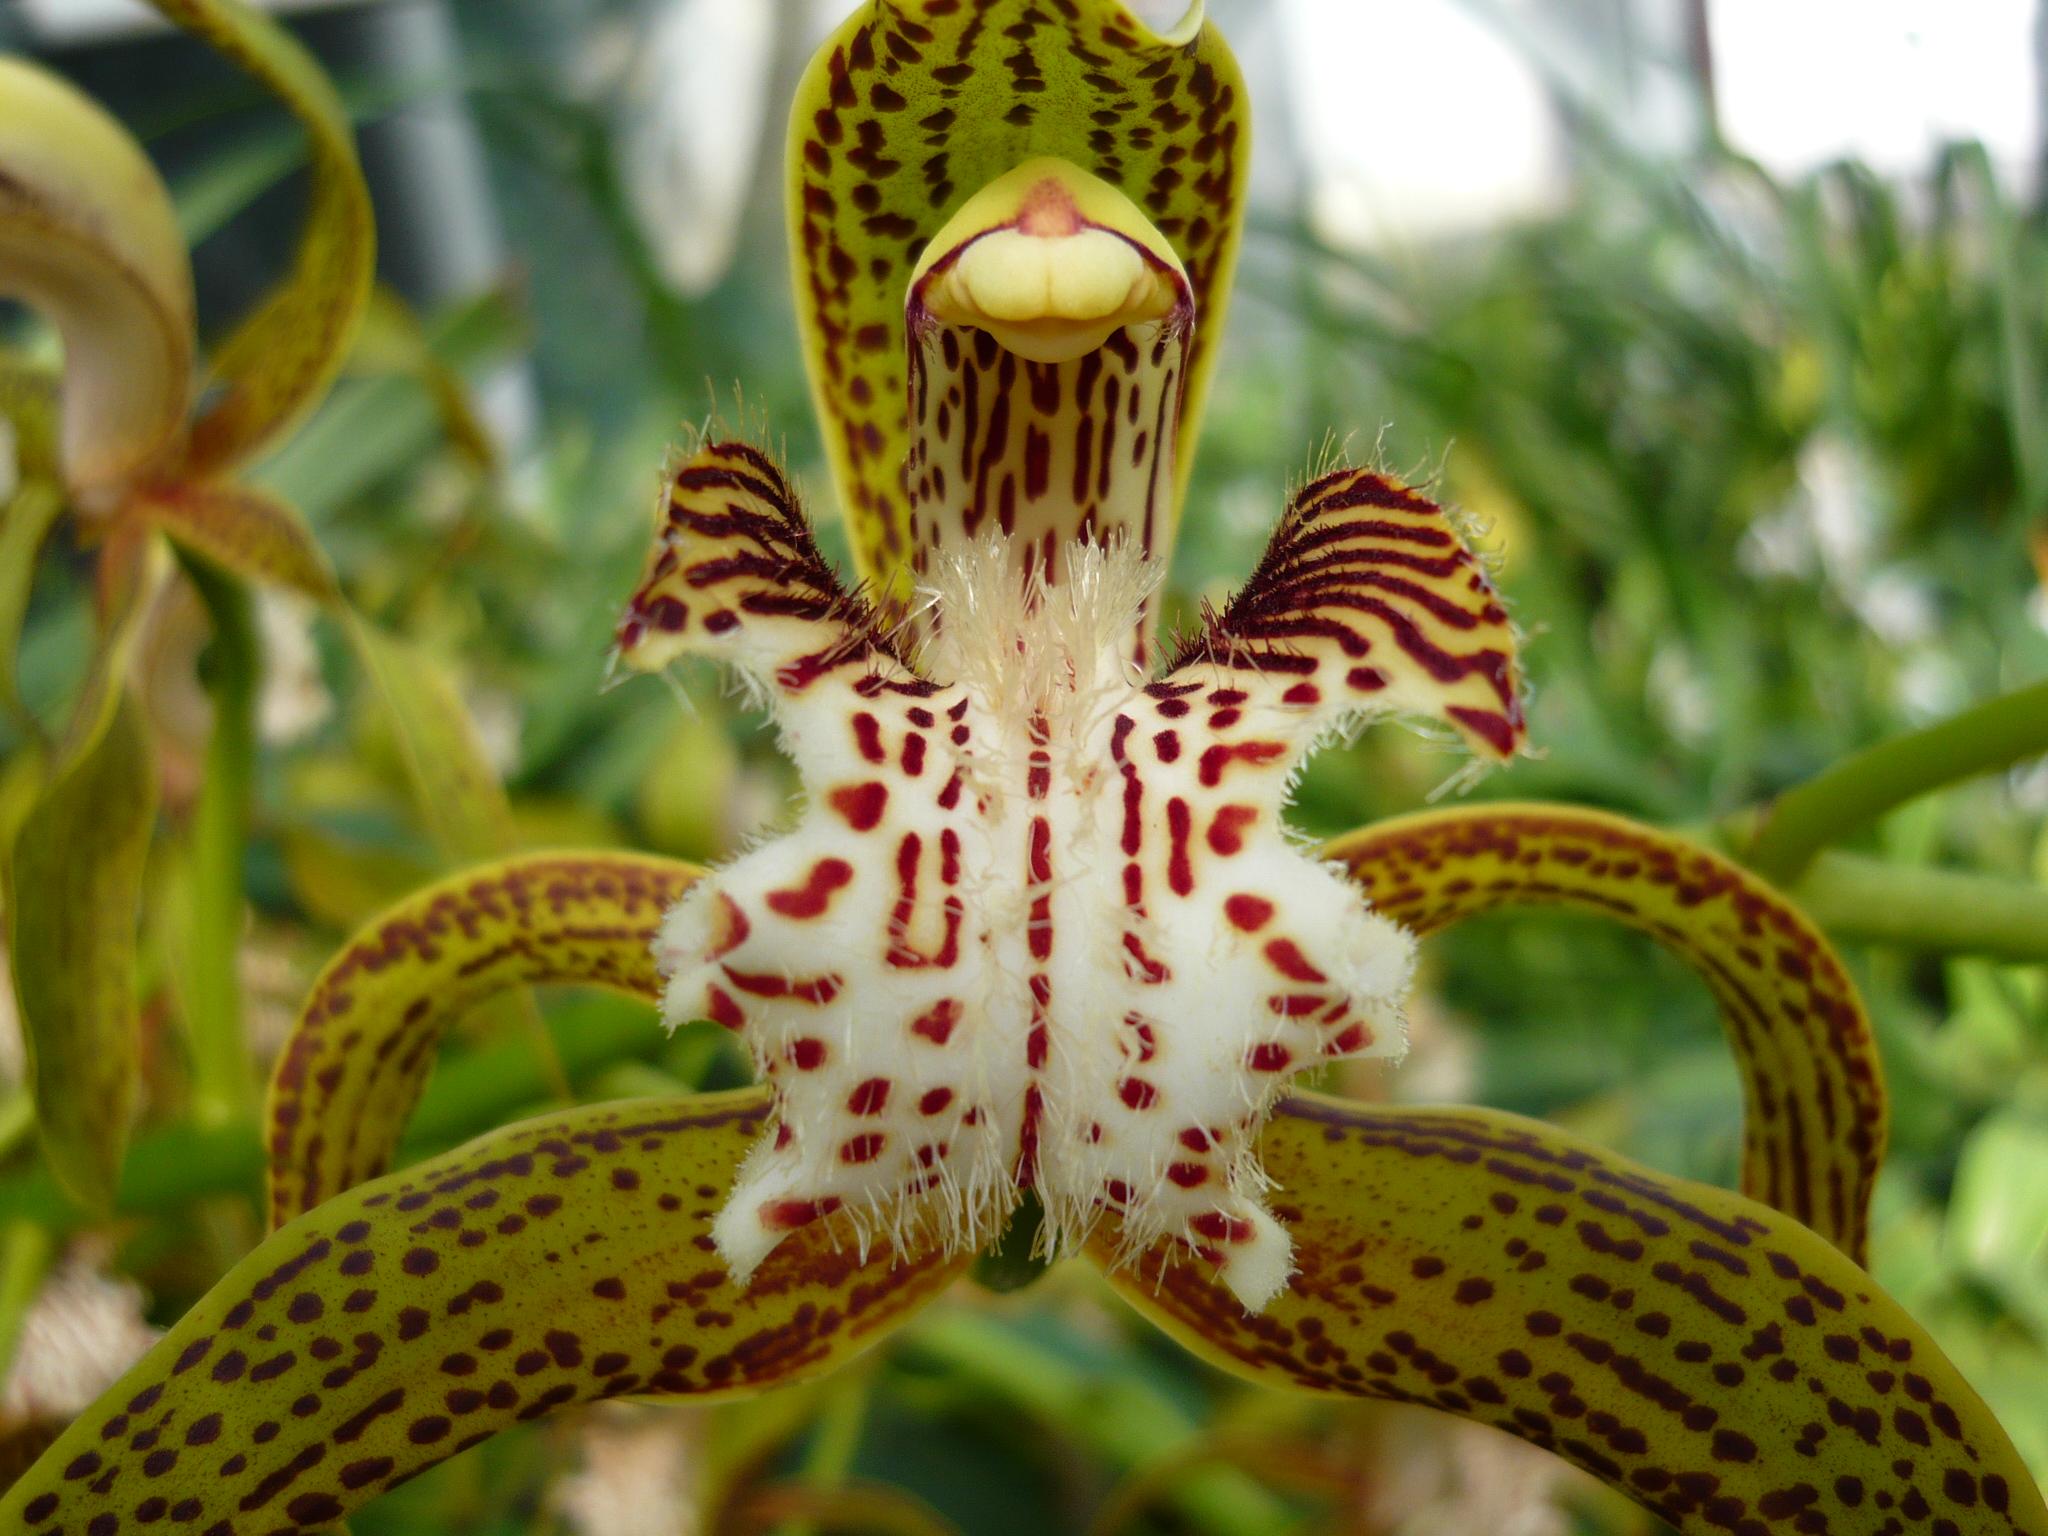 Выращивая орхидеи необычных форм и расцветок, можно устраивать экскурсии и выставки